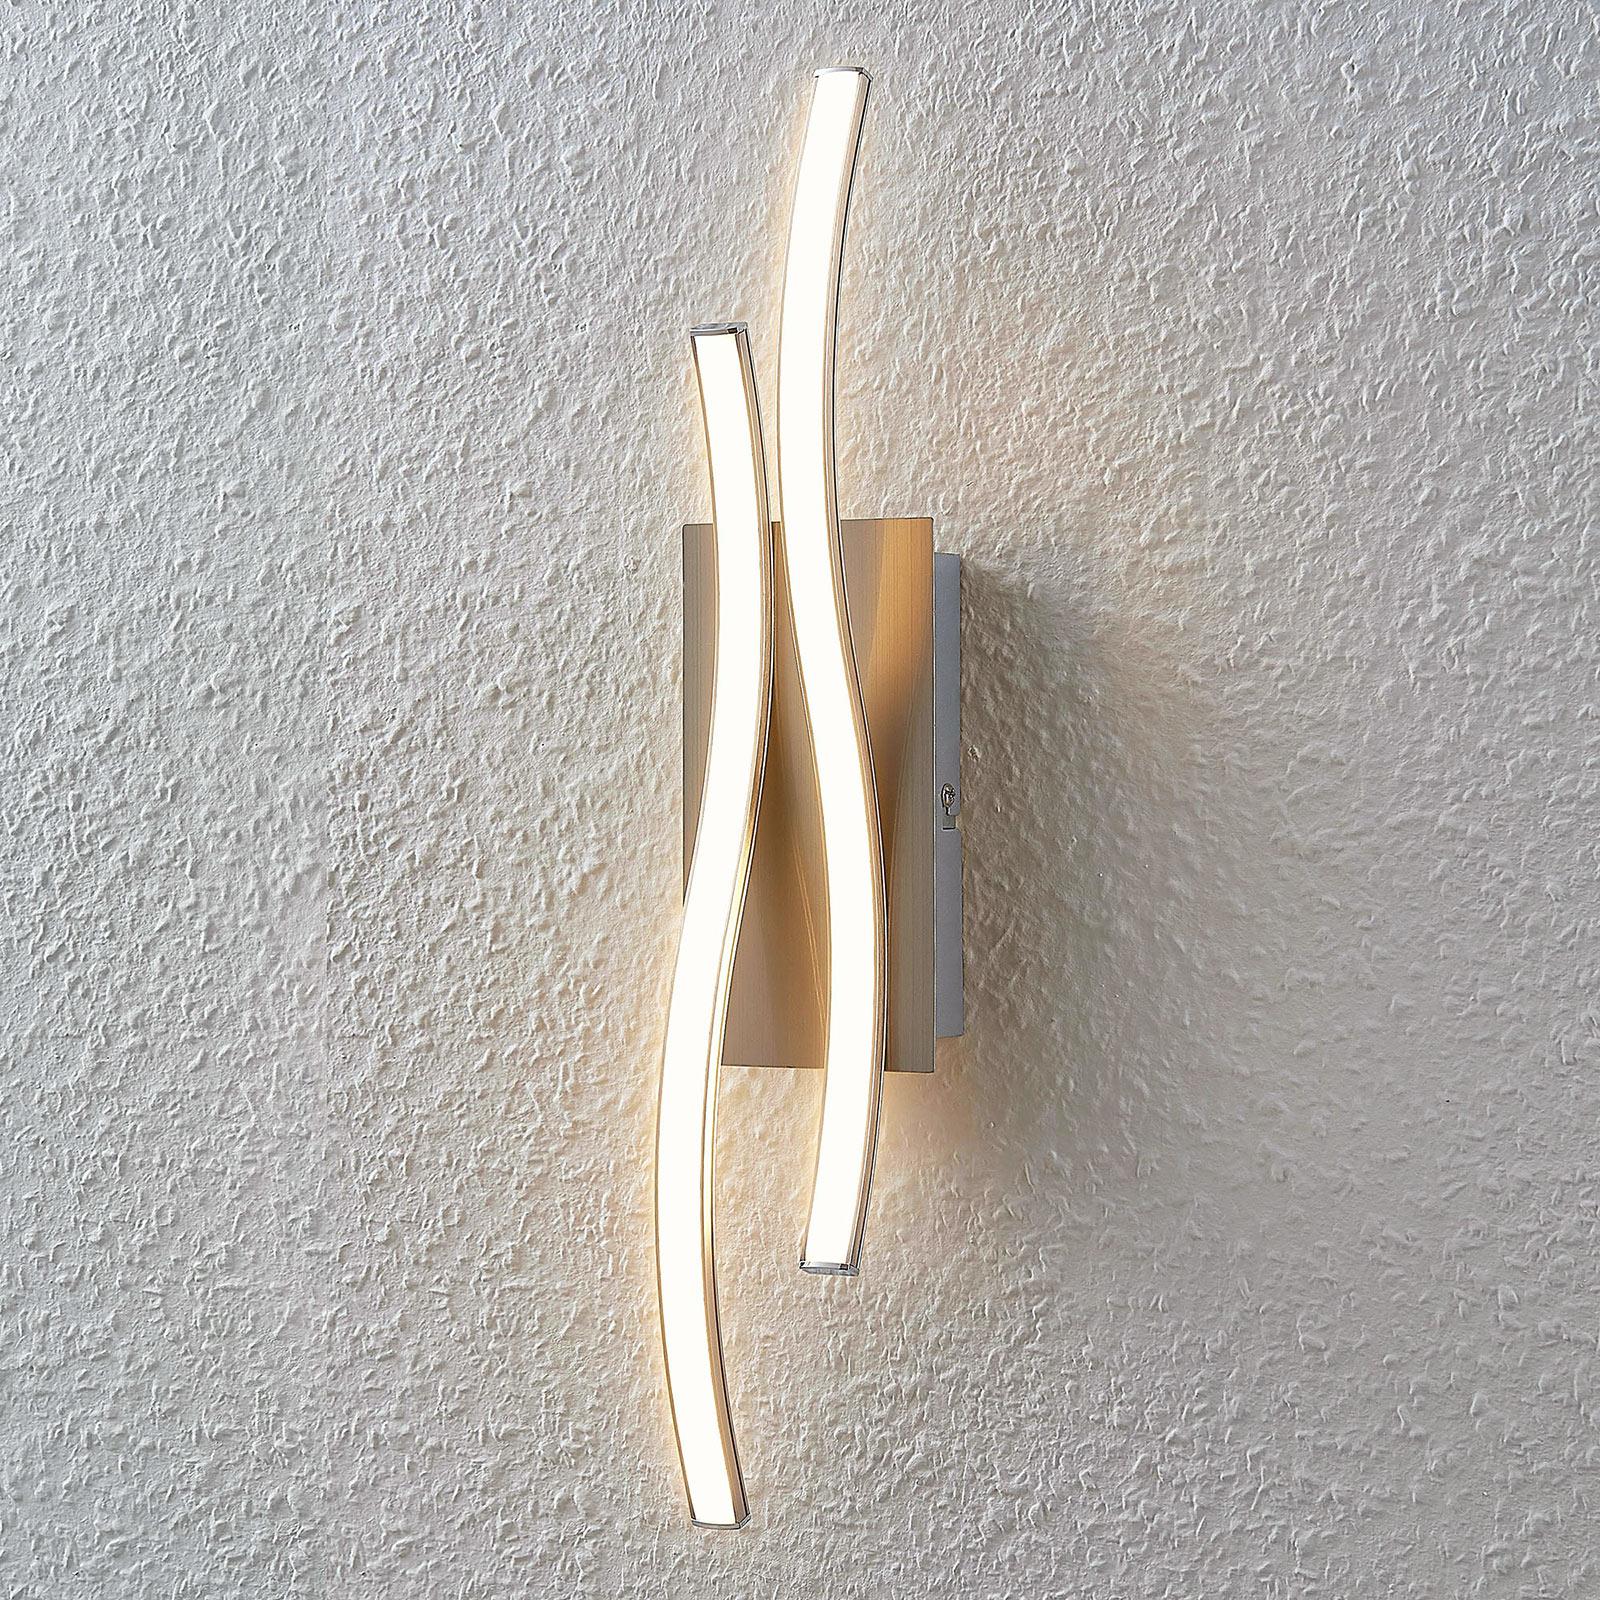 Kinkiet LED Safia w falistej formie